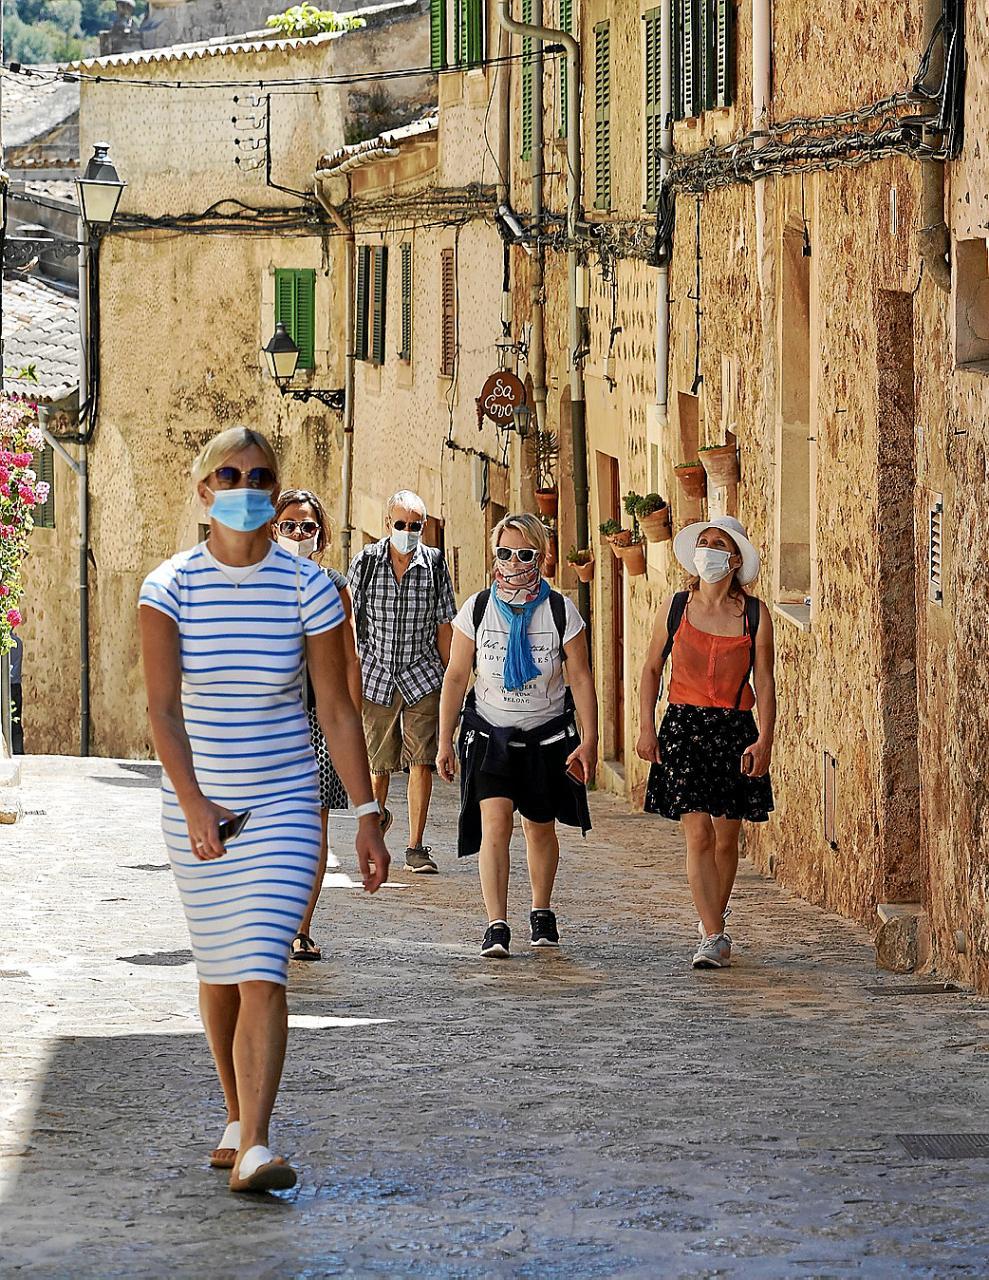 Tourists walking around in a village